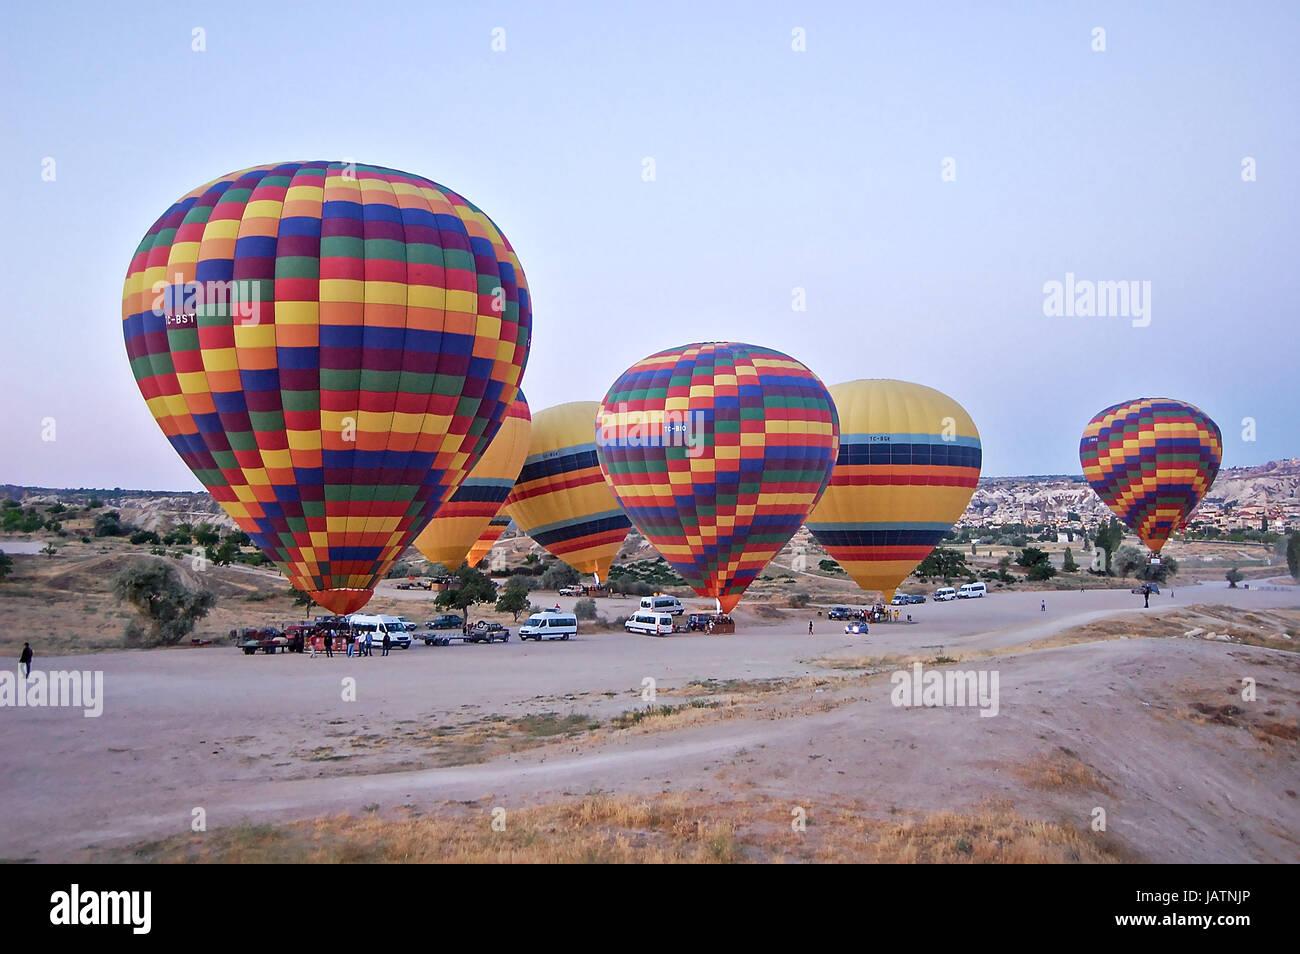 Image taken in Goreme, Capadoccia, Turkey, year 2012 - Stock Image